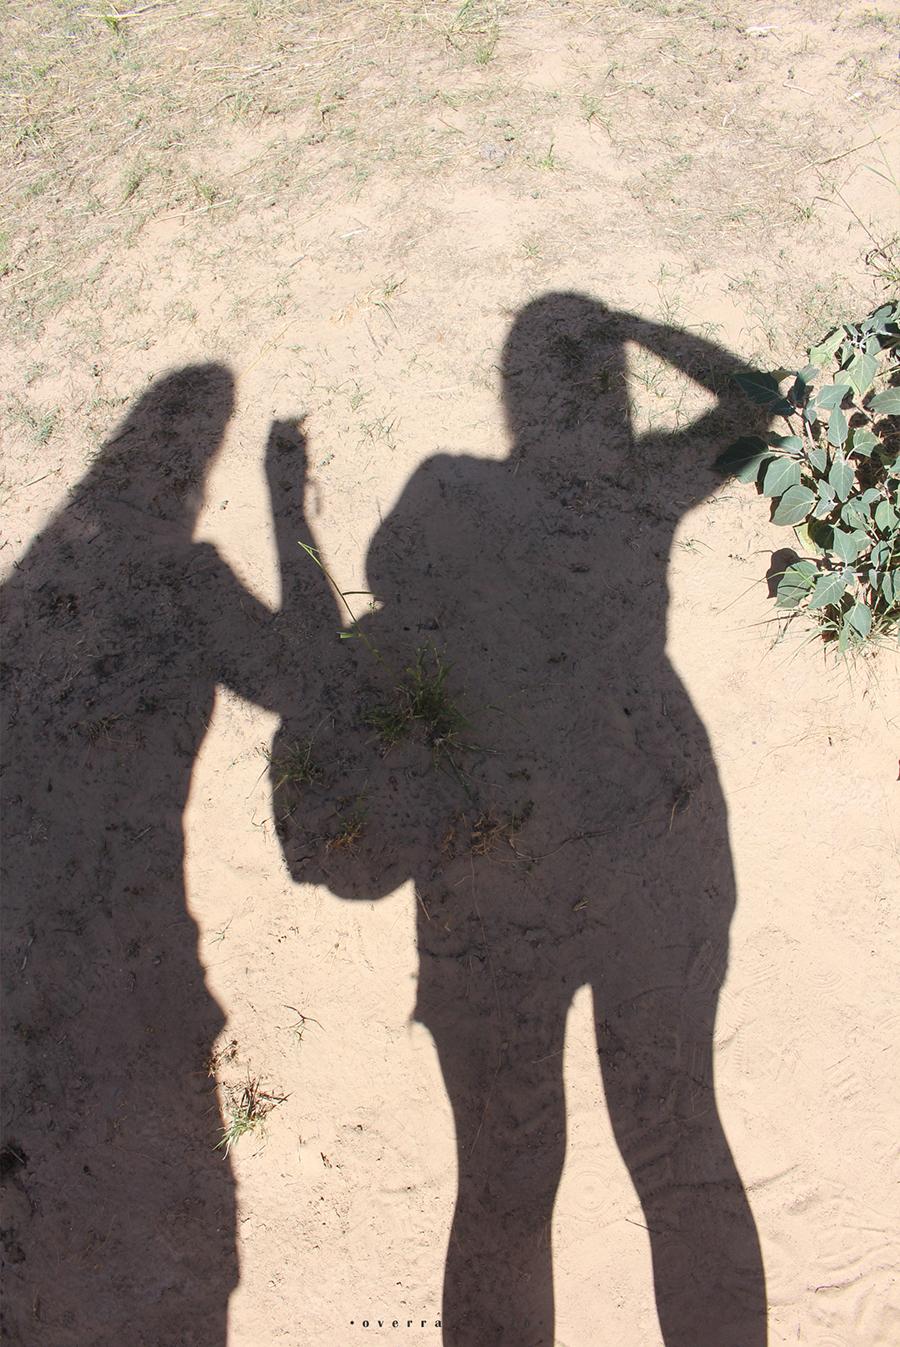 shadow6 Suzanne Dirne overratedenzo